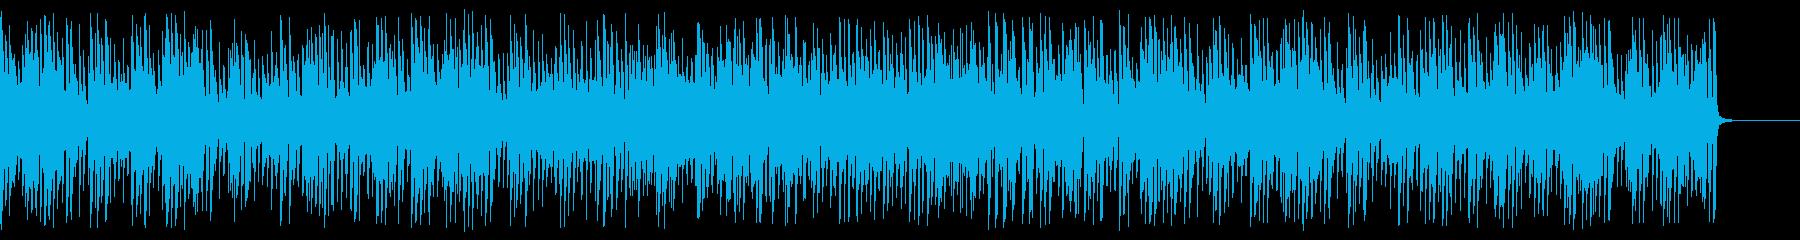 陽気なアコーディオンで軽快ジプシージャズの再生済みの波形